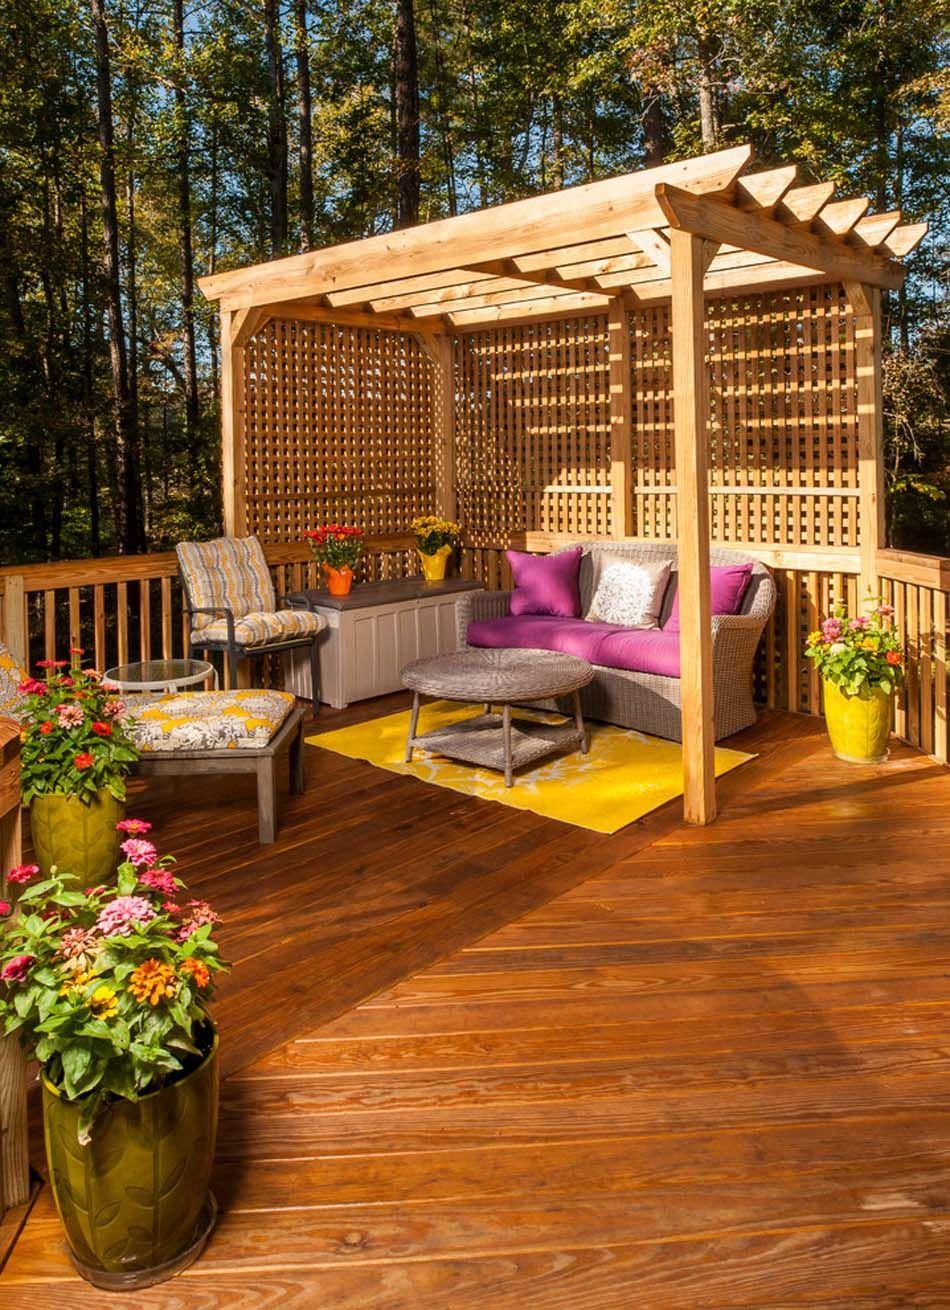 Terrasses couvertes & pergola design offrant des espaces agréables ...